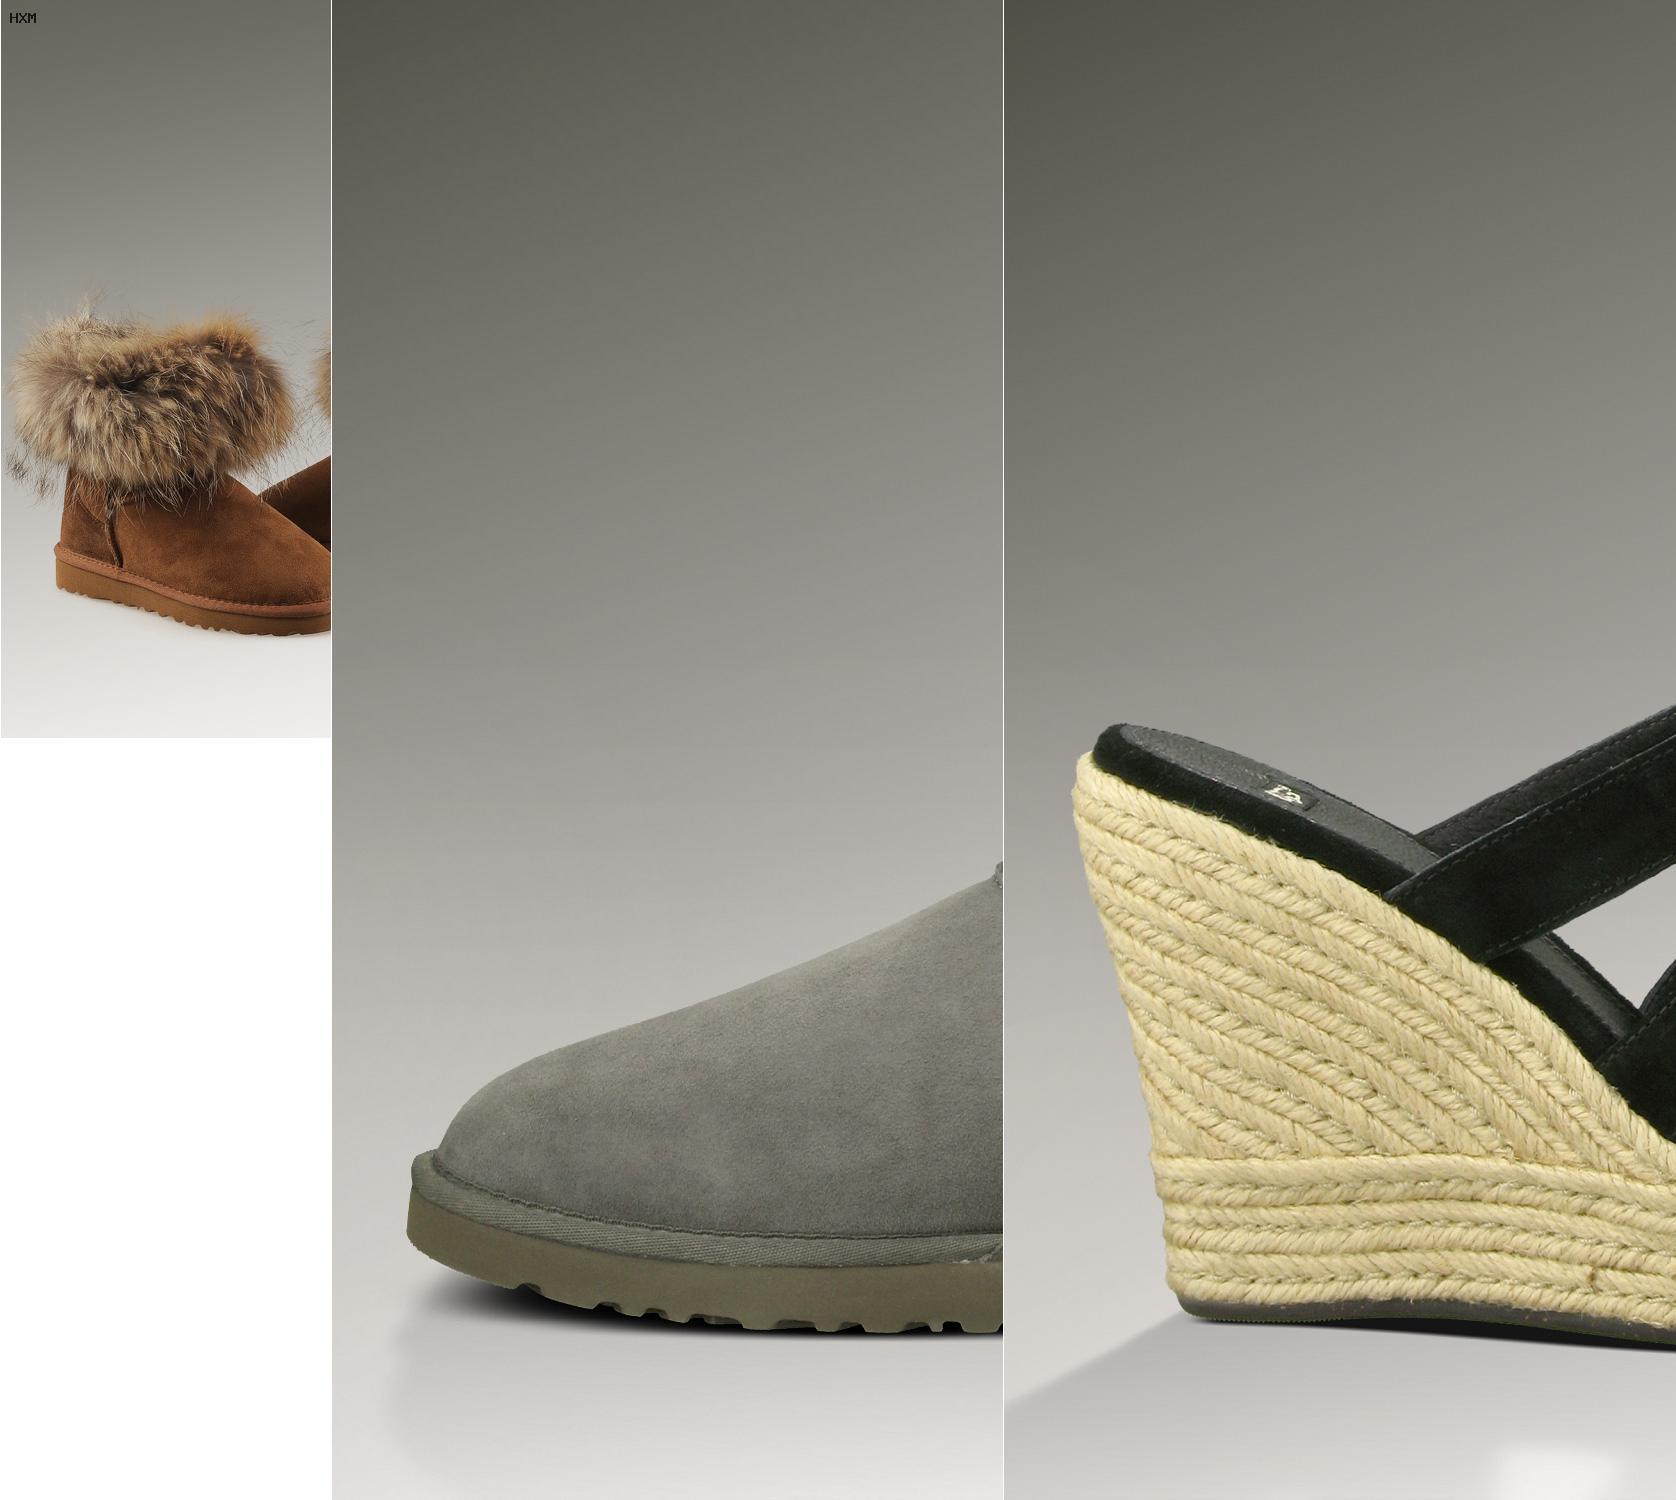 tiendas en madrid donde venden botas ugg